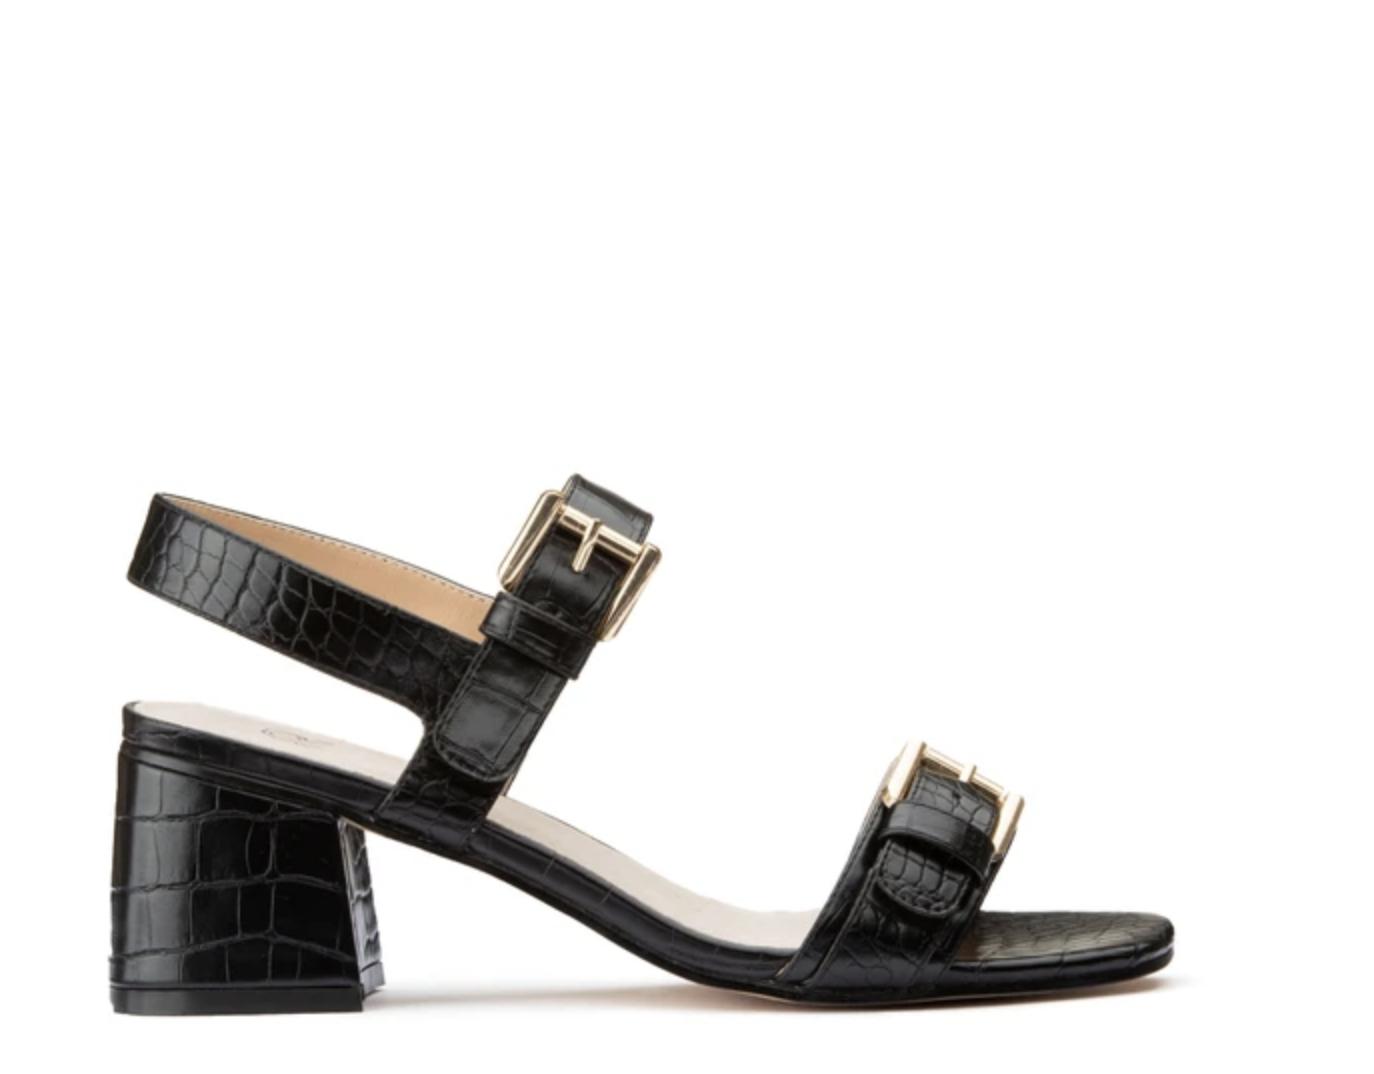 Sandalias con efecto cocodrilo y correas, con tacón ancho